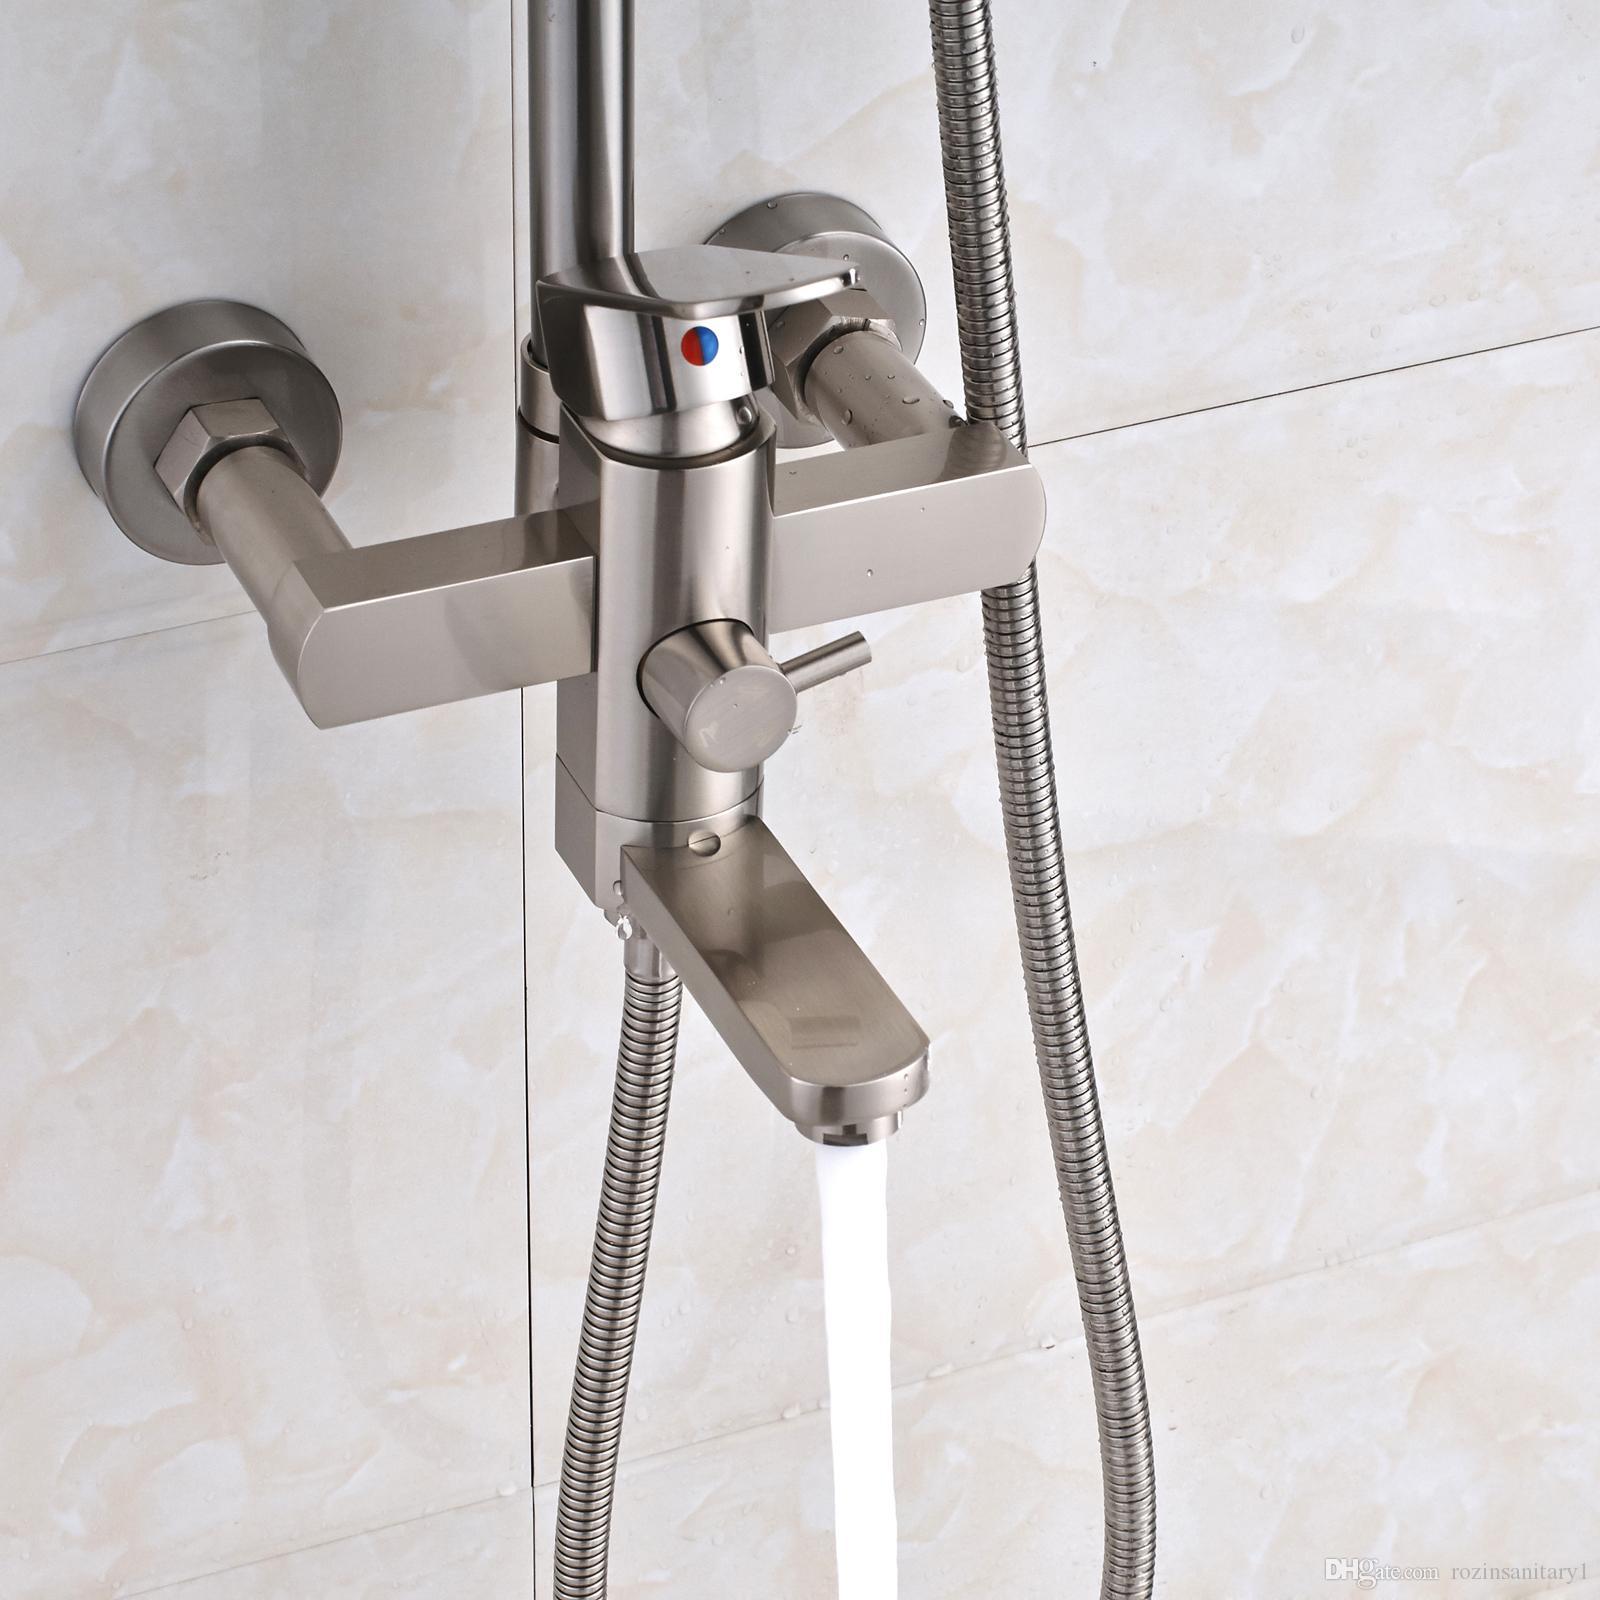 12-Zoll-LED gebürsteter Nickel-runder Duschkopf-Wasserhahn-Satz Wand-Wannen-Auslauf-Hahn drei Funktionen